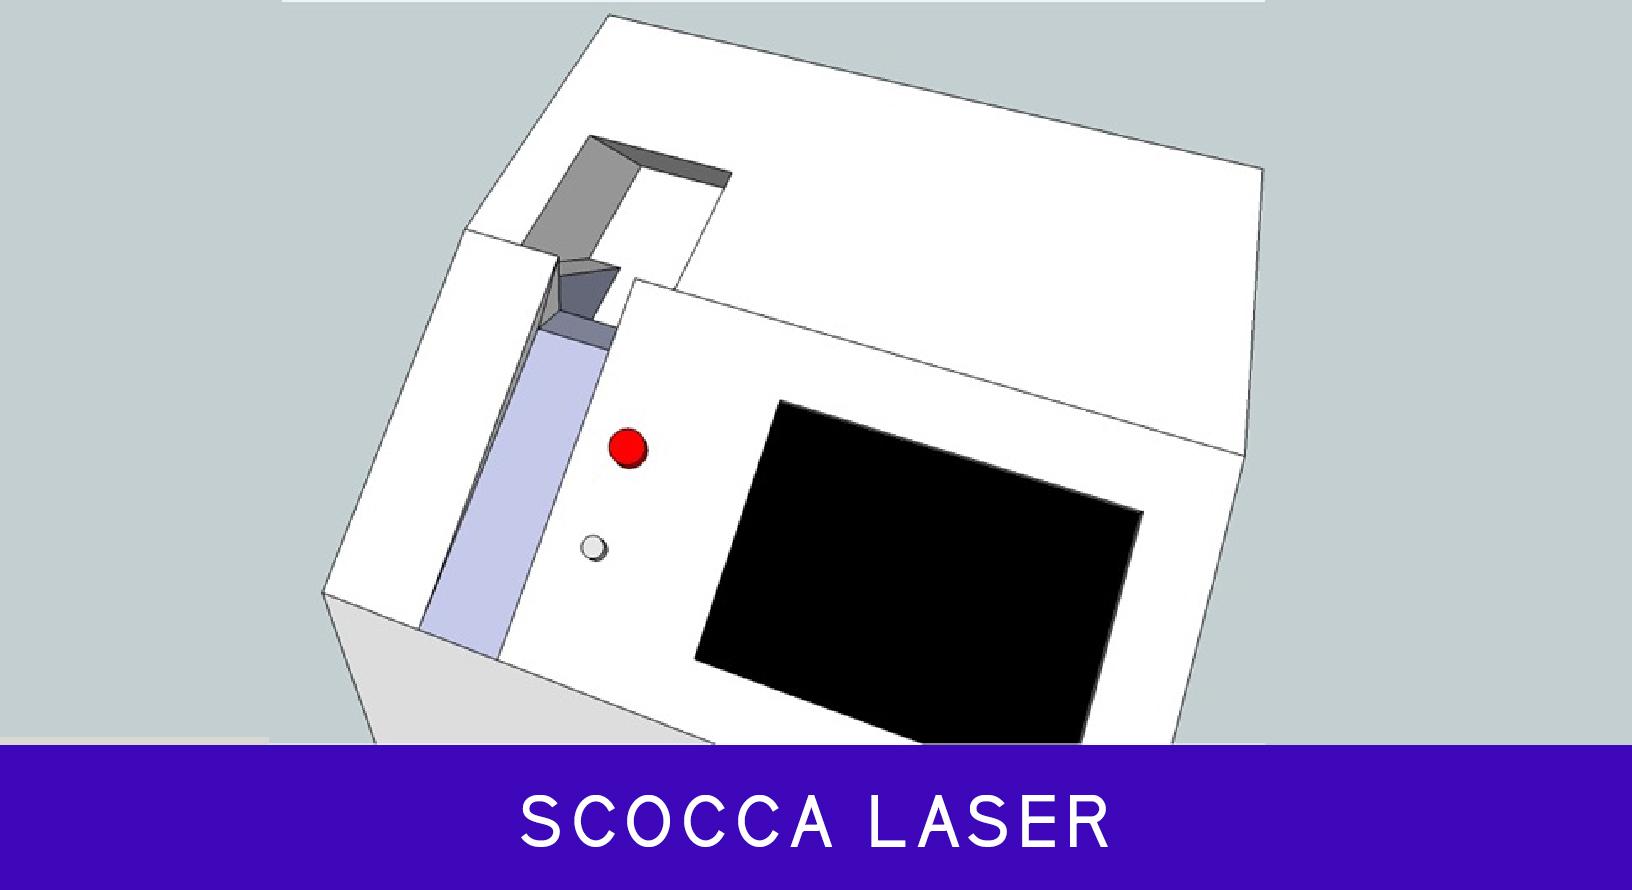 SCOCCA LASER